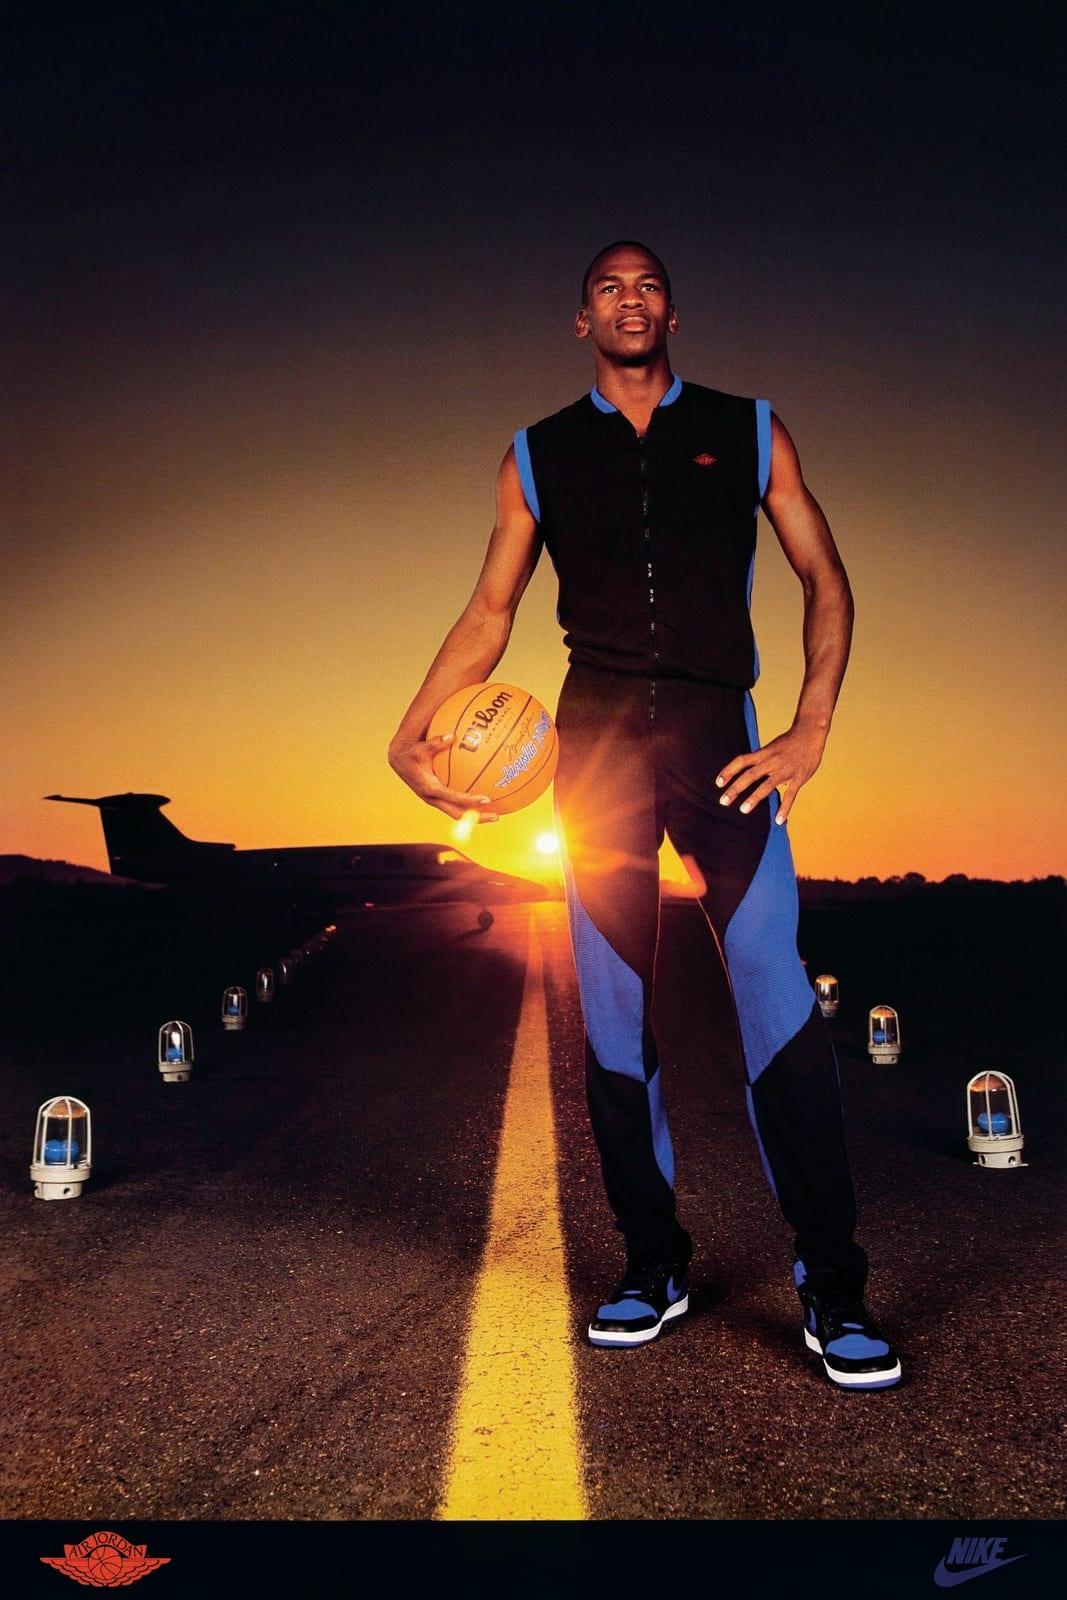 How Michael Jordan Made The Royal Air Jordan 1 Iconic